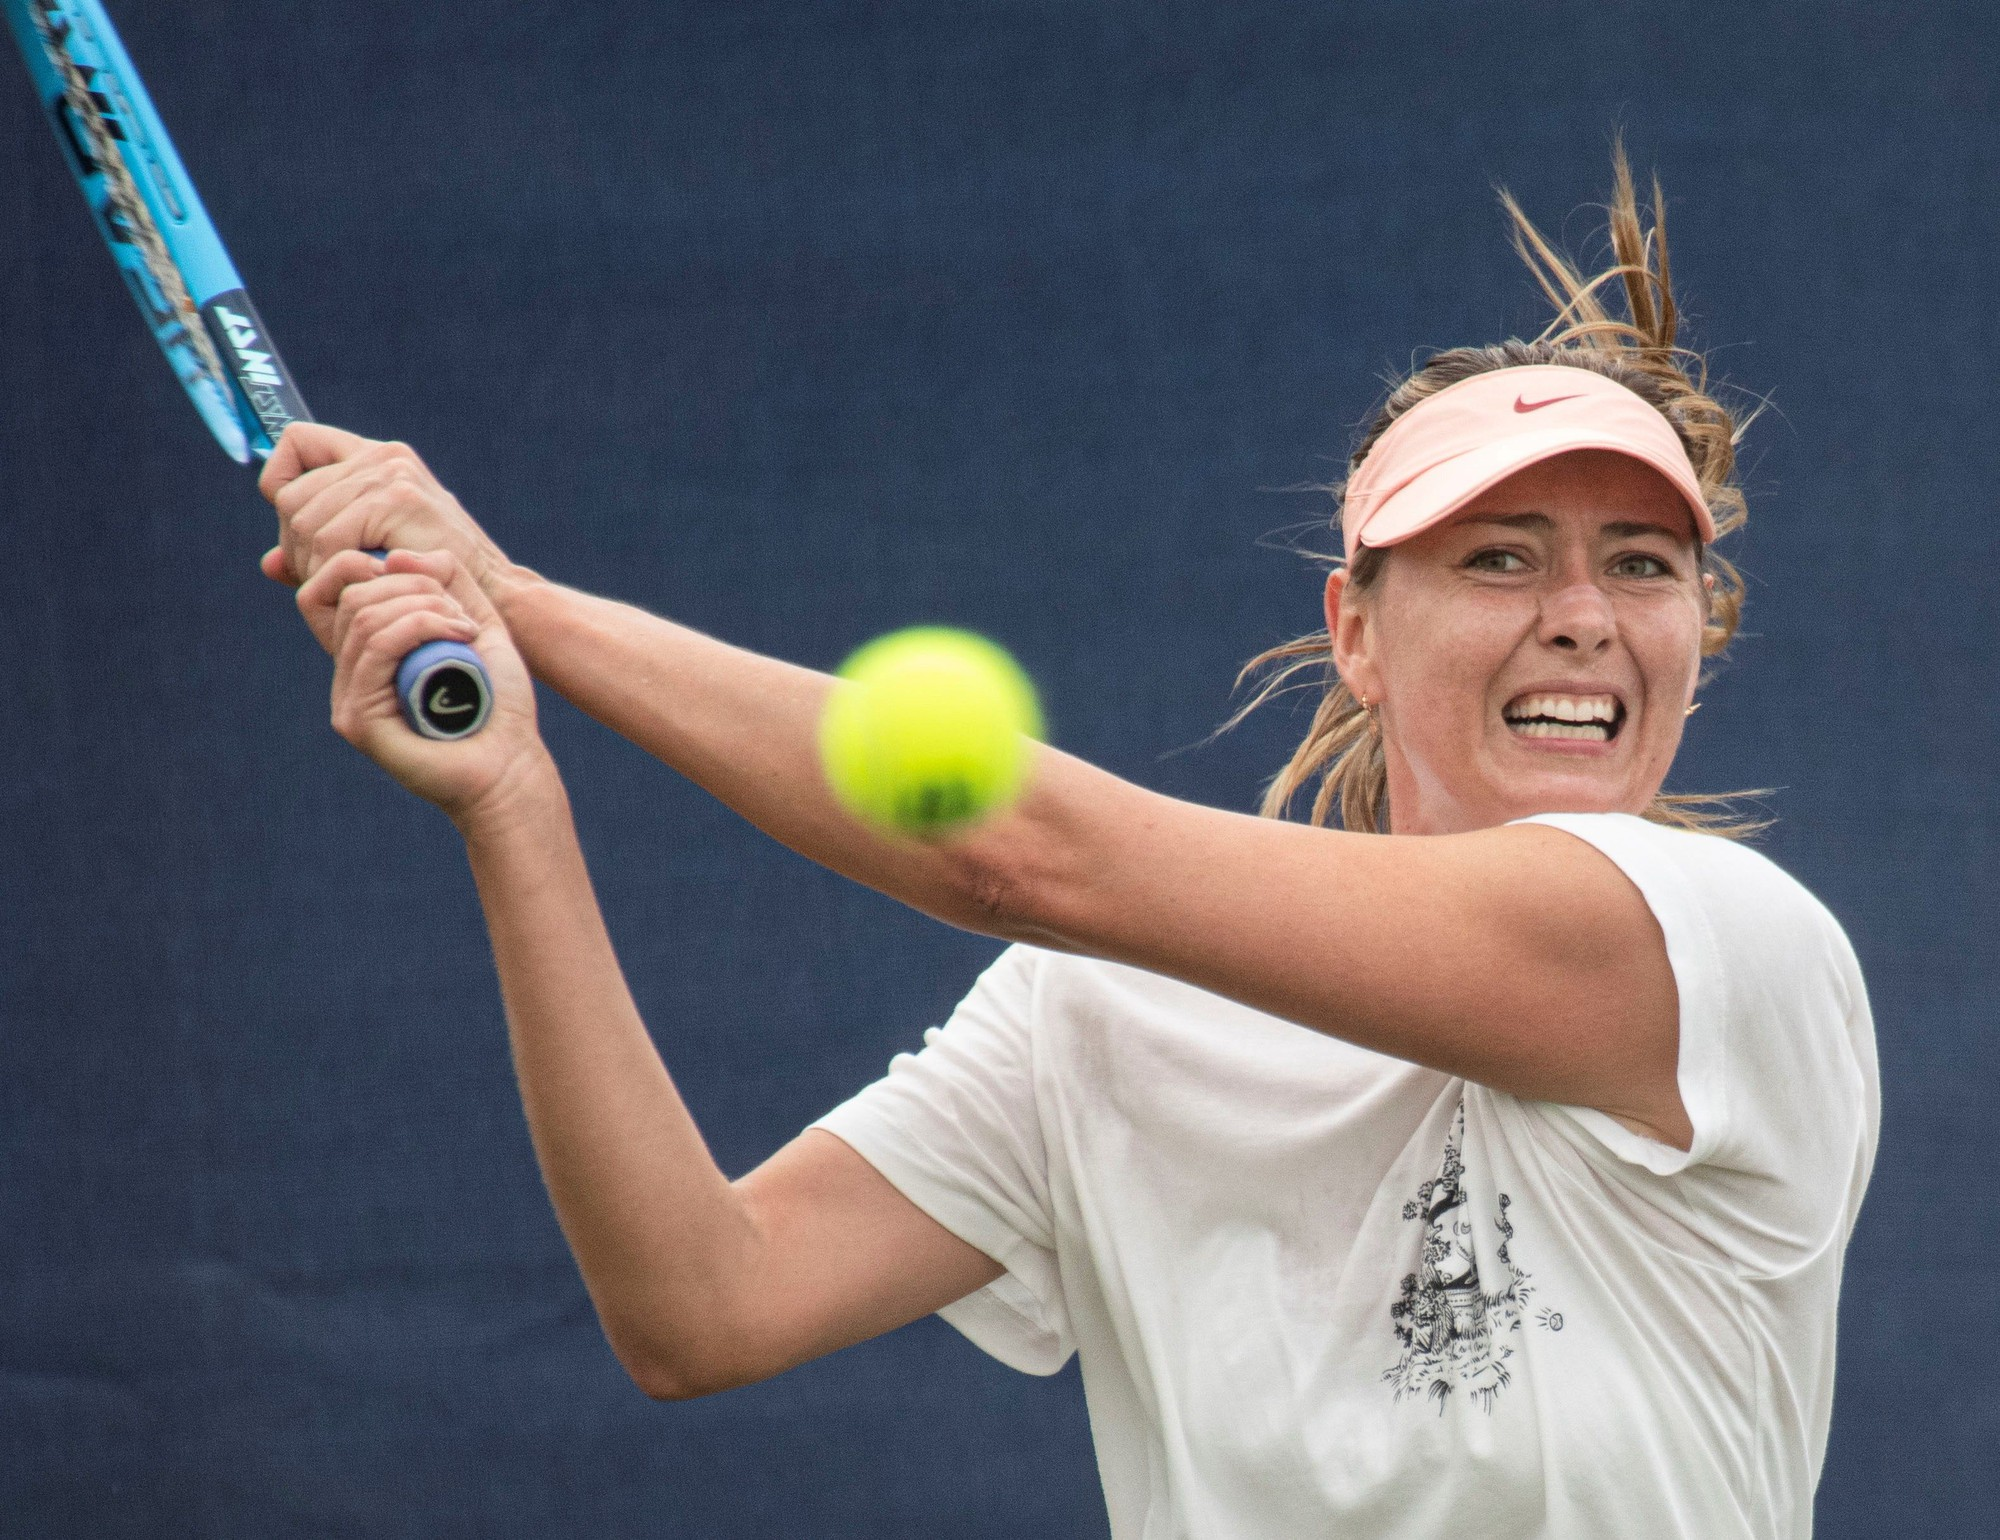 Không ai ngờ bước qua tuổi 32, nhan sắc của nữ hoàng quần vợt Maria Sharapova lại xuống dốc đến mức như thế này - Ảnh 2.